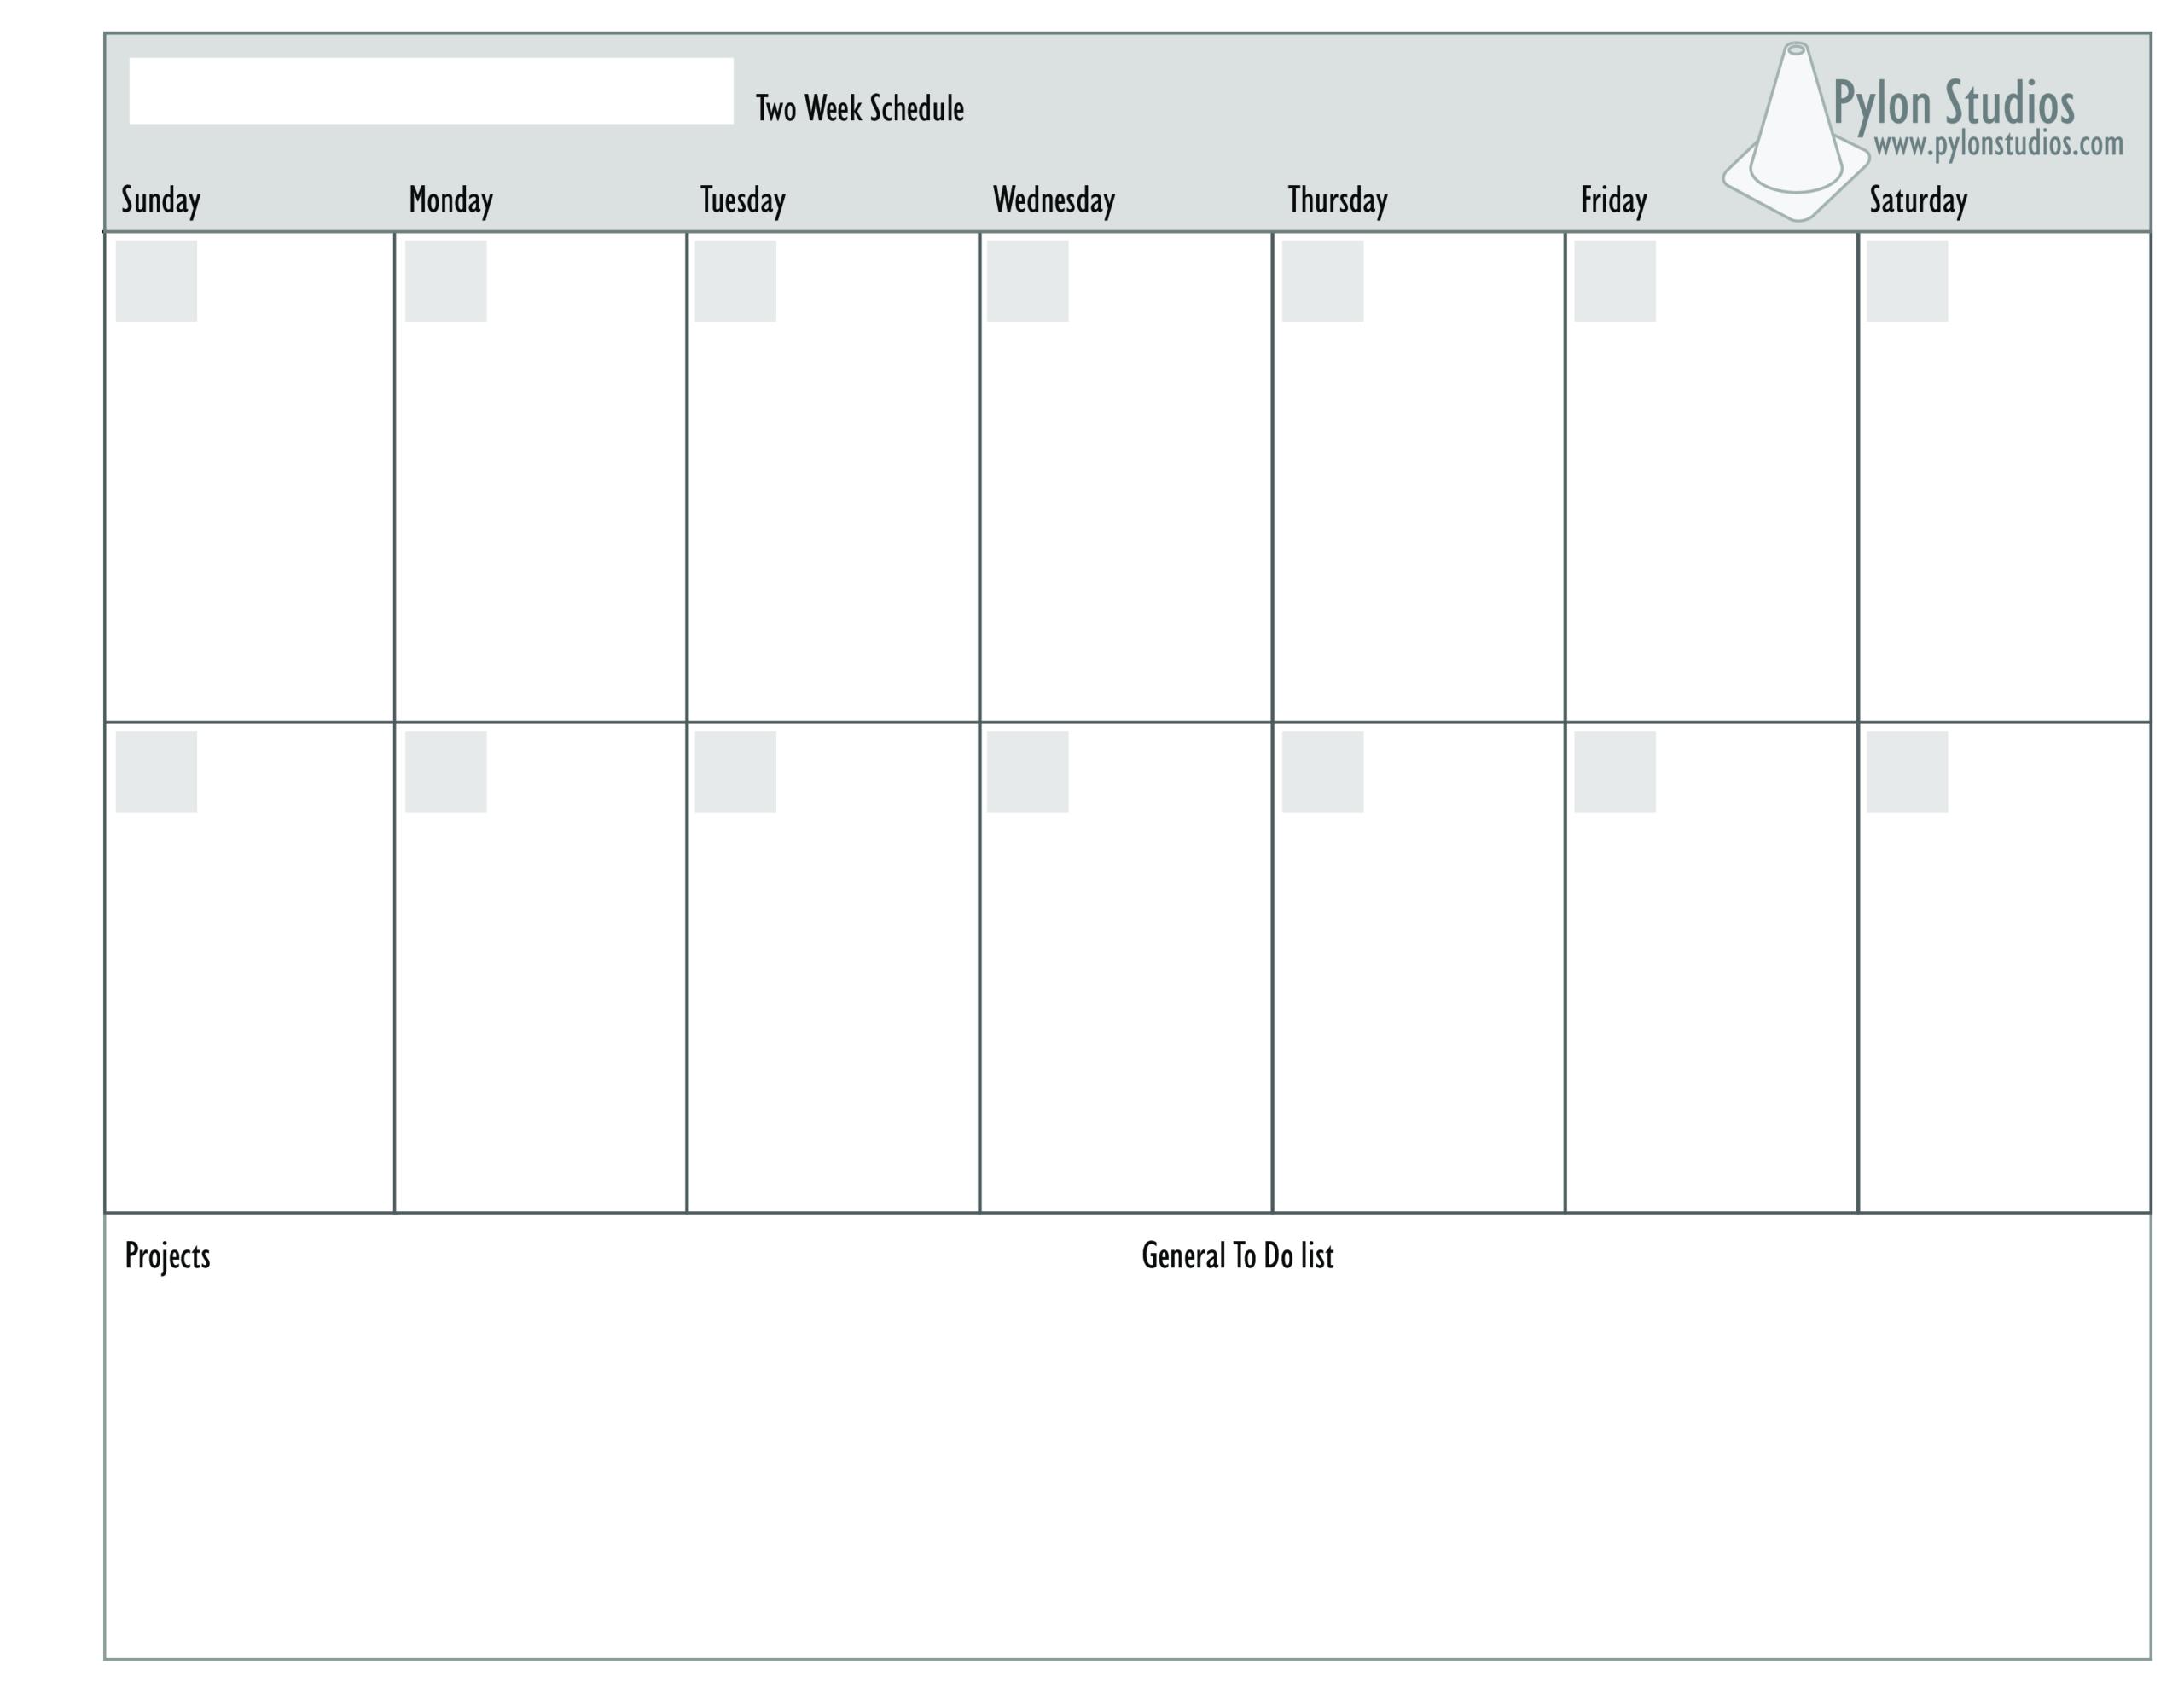 2 Week Calendar  How To Create A 2 Week Calendar? Download in 2 Week Blank Calendar